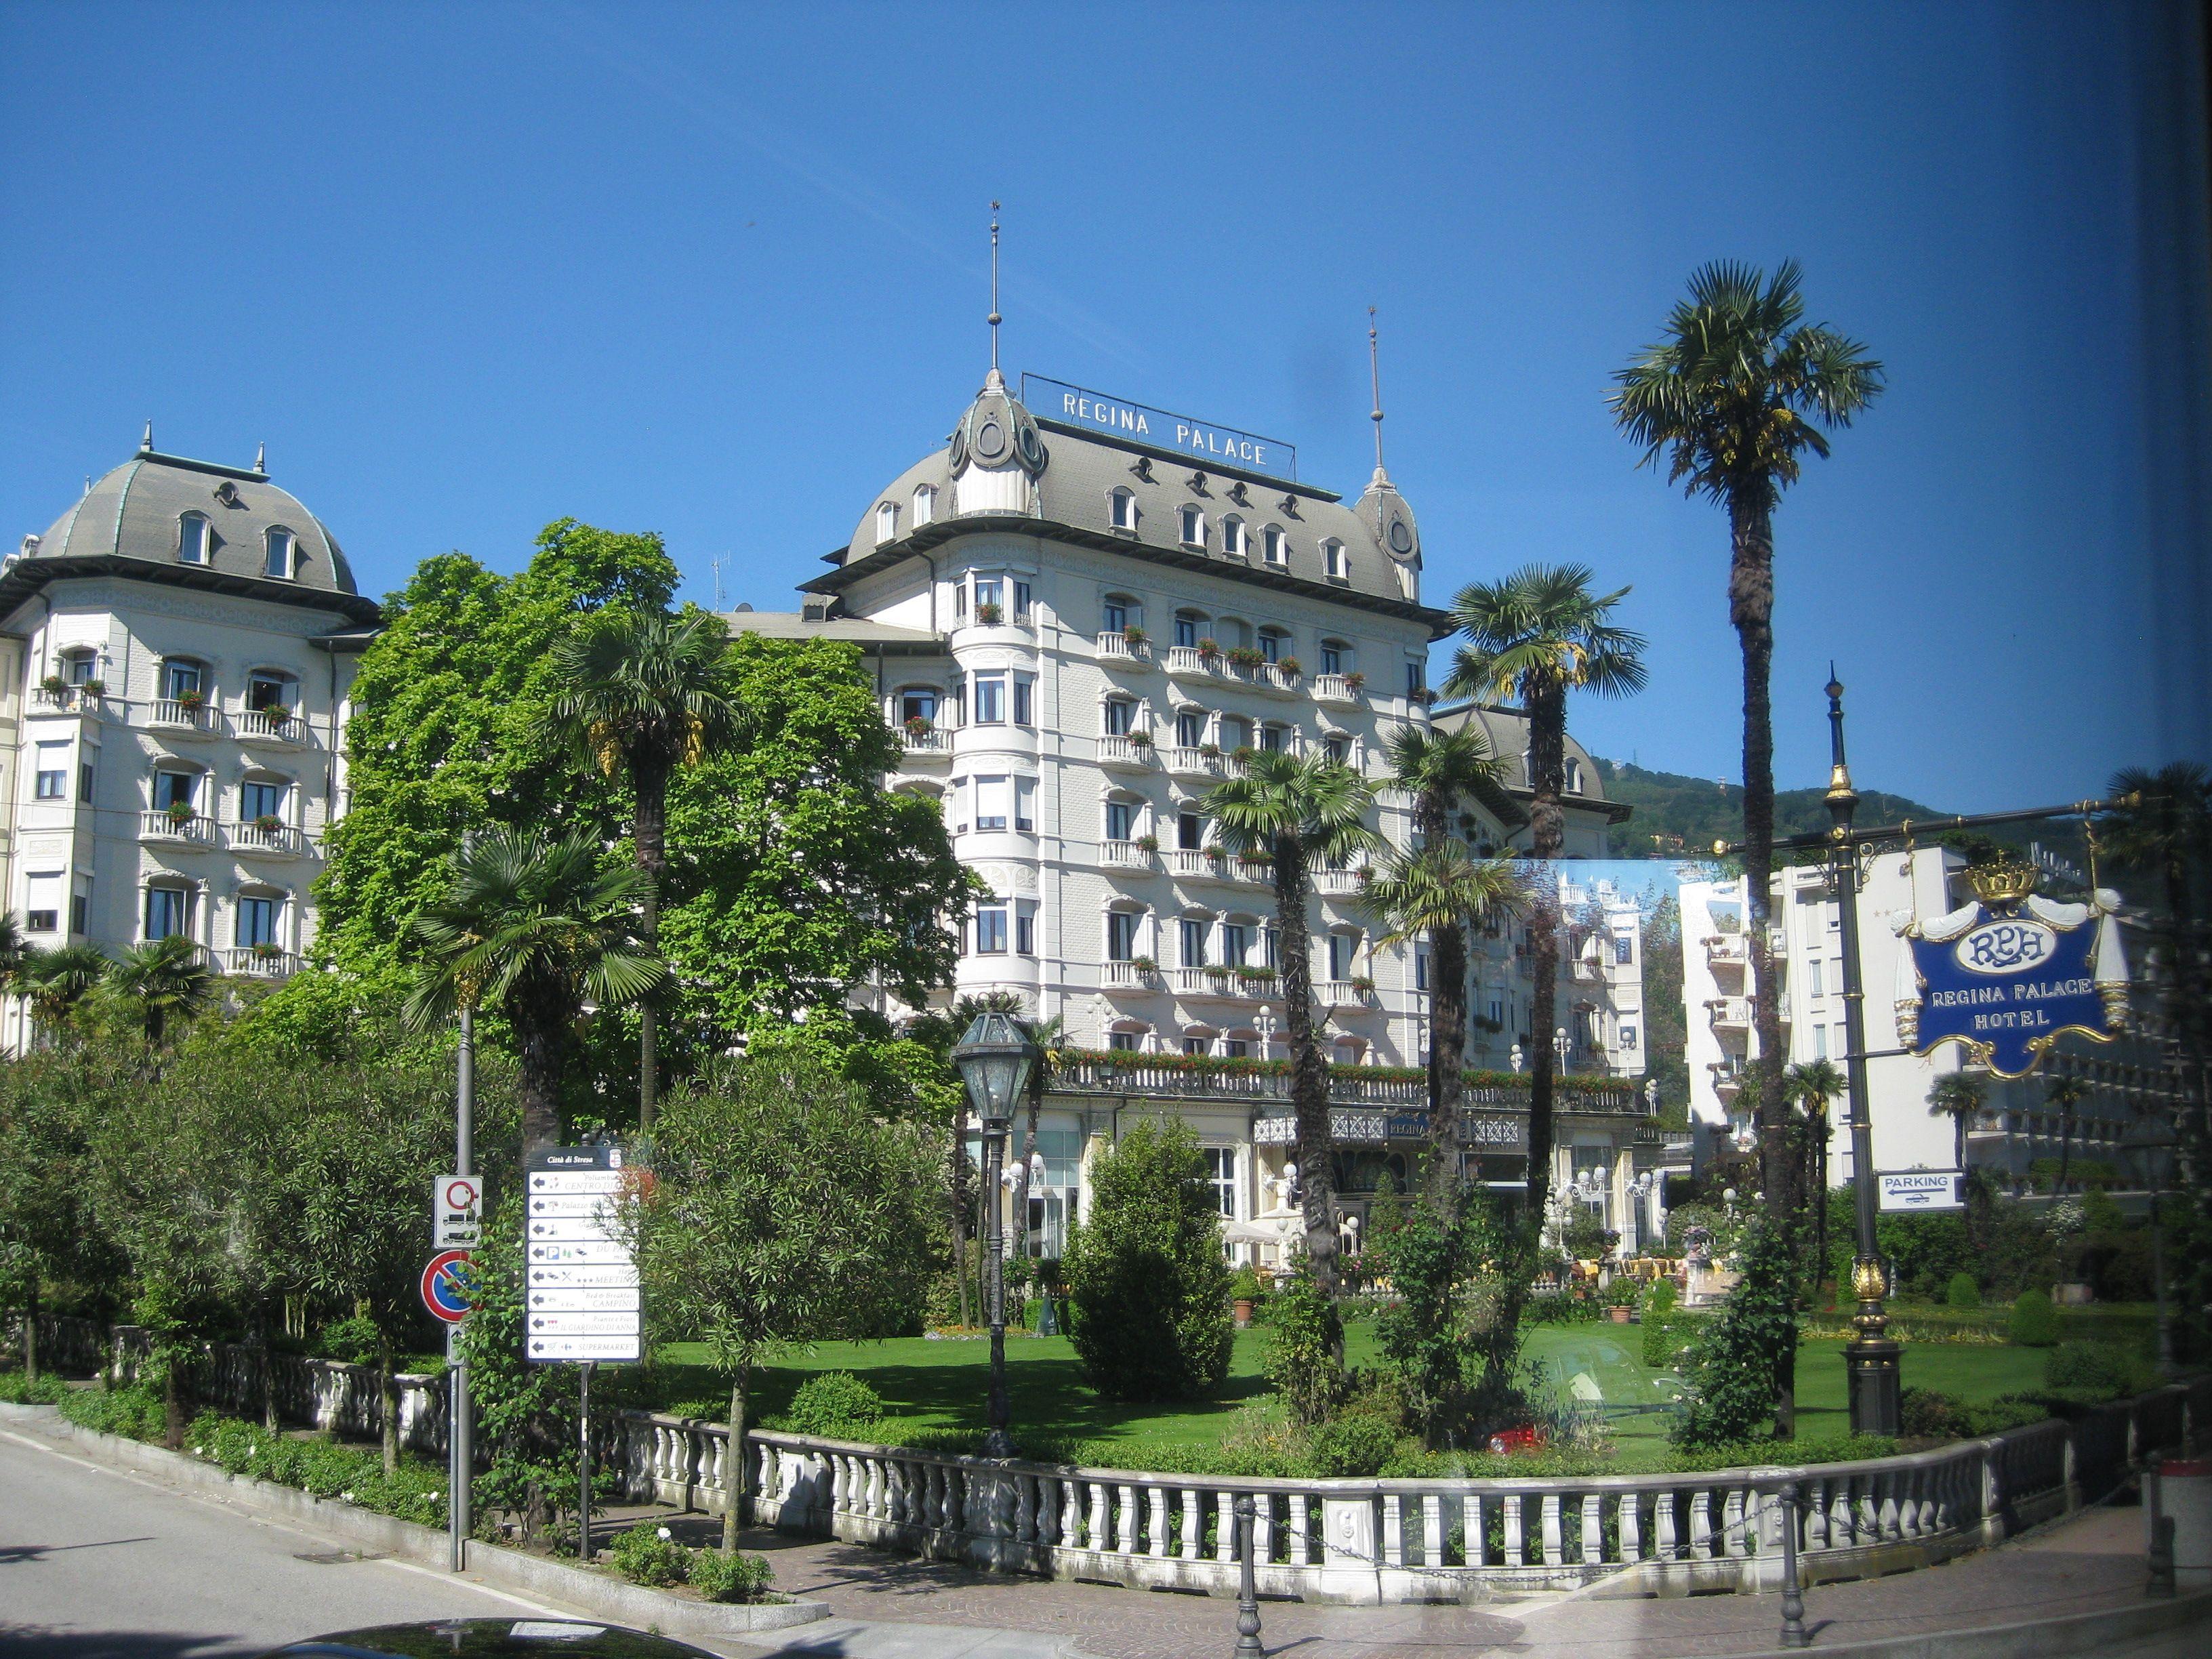 Regina Palace Hotel Stressa Italy Places To Go Regions Of Italy Italy Bucket List